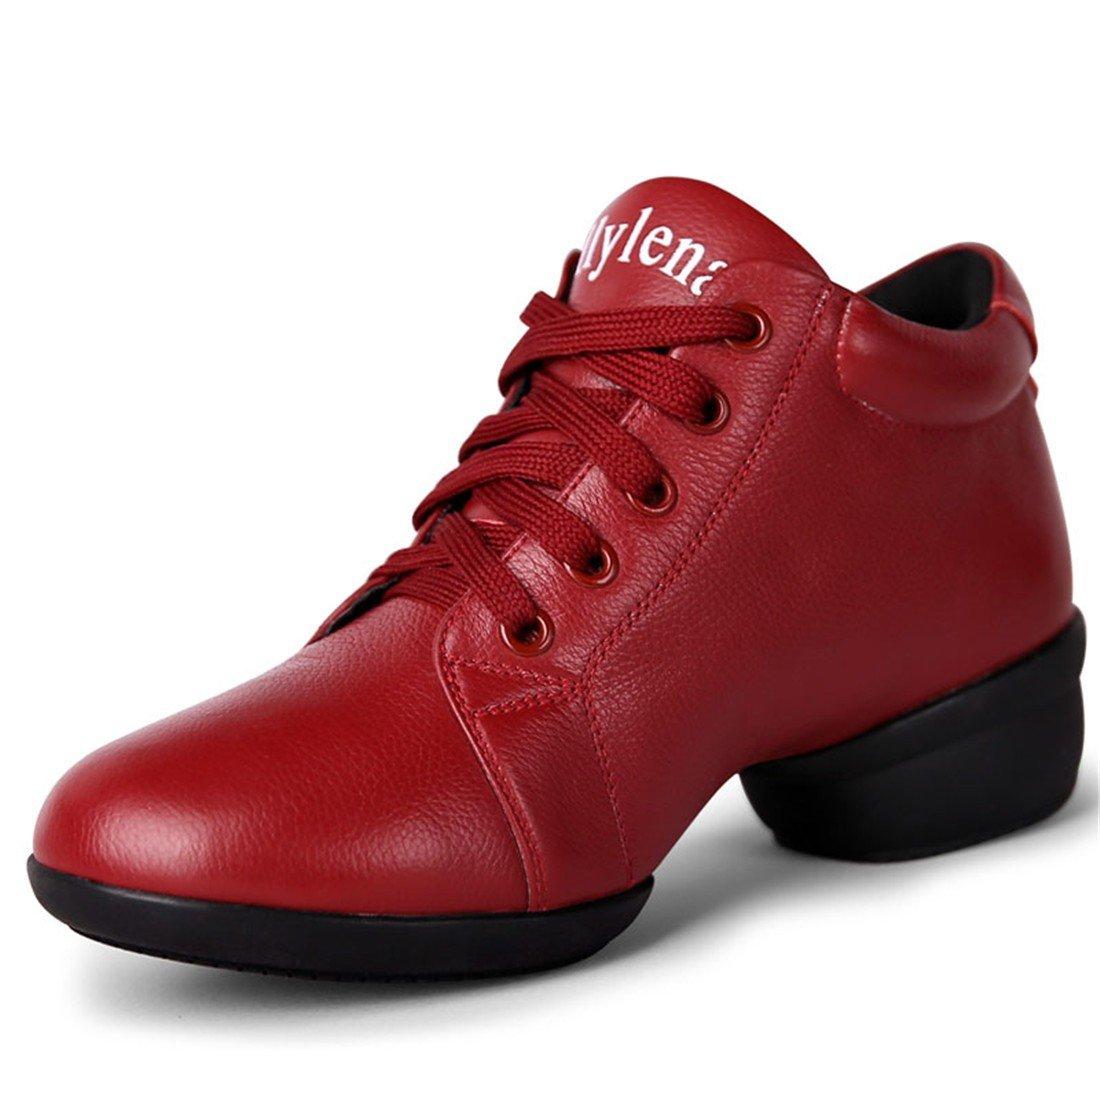 WXMDDN Das Mädchen Marine Mann Mann Mann Dance Schuhe rote Schuhe atmungsaktiv unten Dance Schuhe Vier Jahreszeiten B078819HKF Tanzschuhe Neuer Eintrag c1bcd5